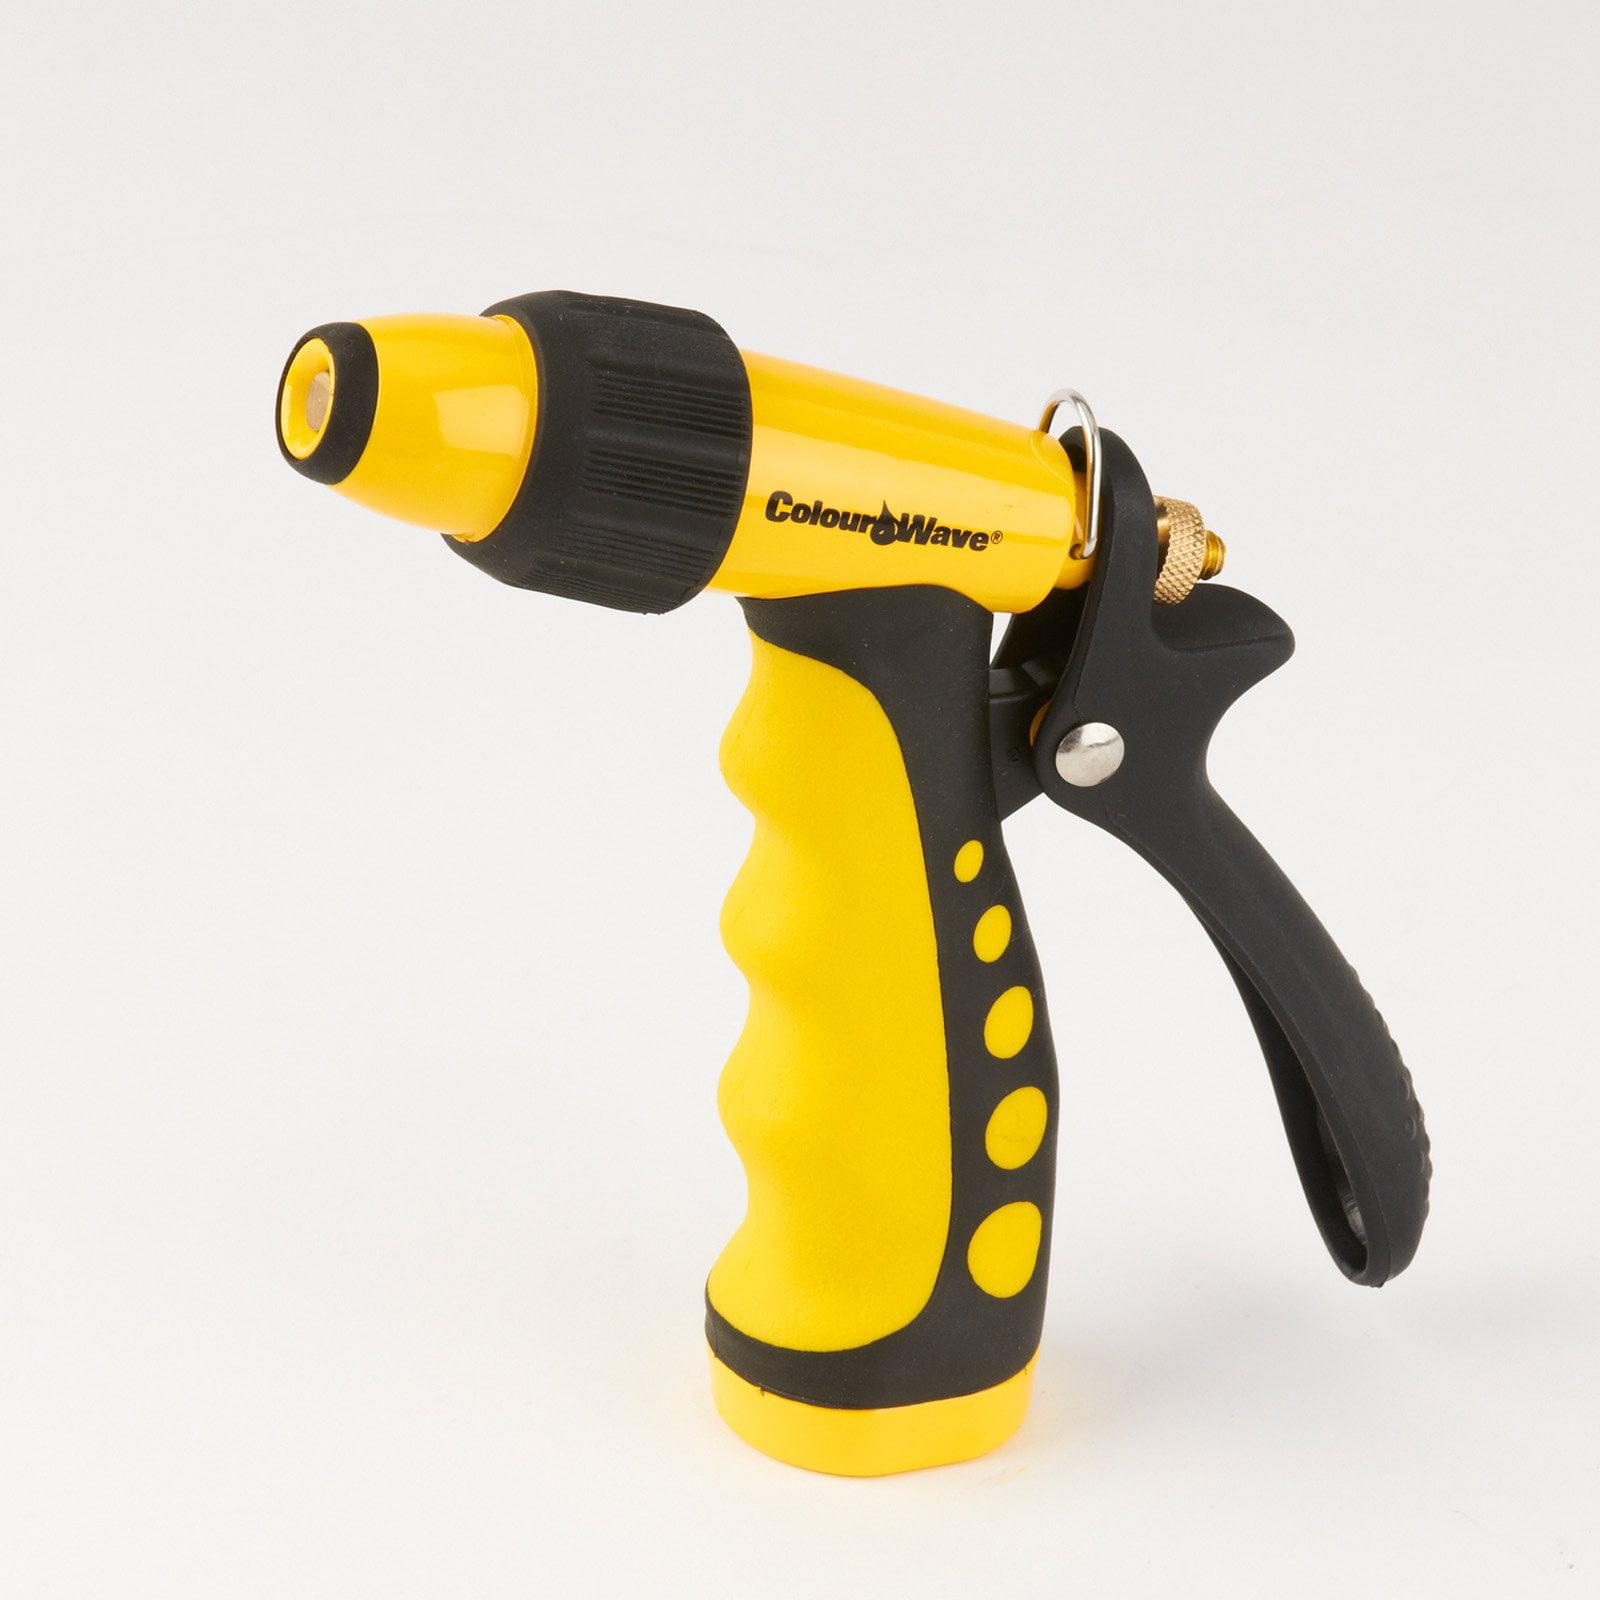 ColourWave Adjustable Tip Aqua Hose Nozzle